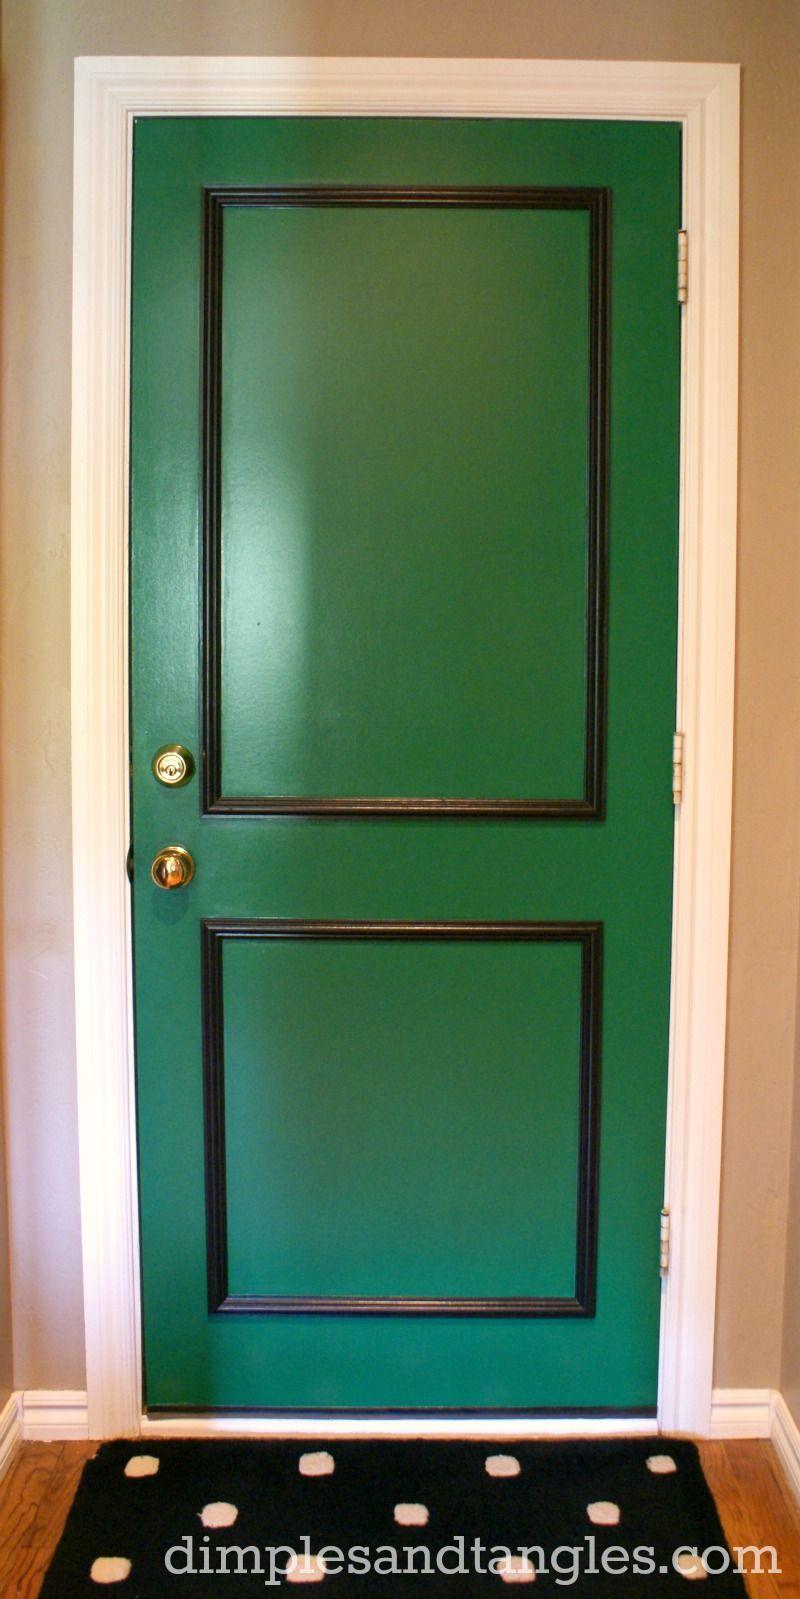 Dimples And Tangles A Little Back Door Fun My Paint Color Door Design Interior Cool Doors Back Doors